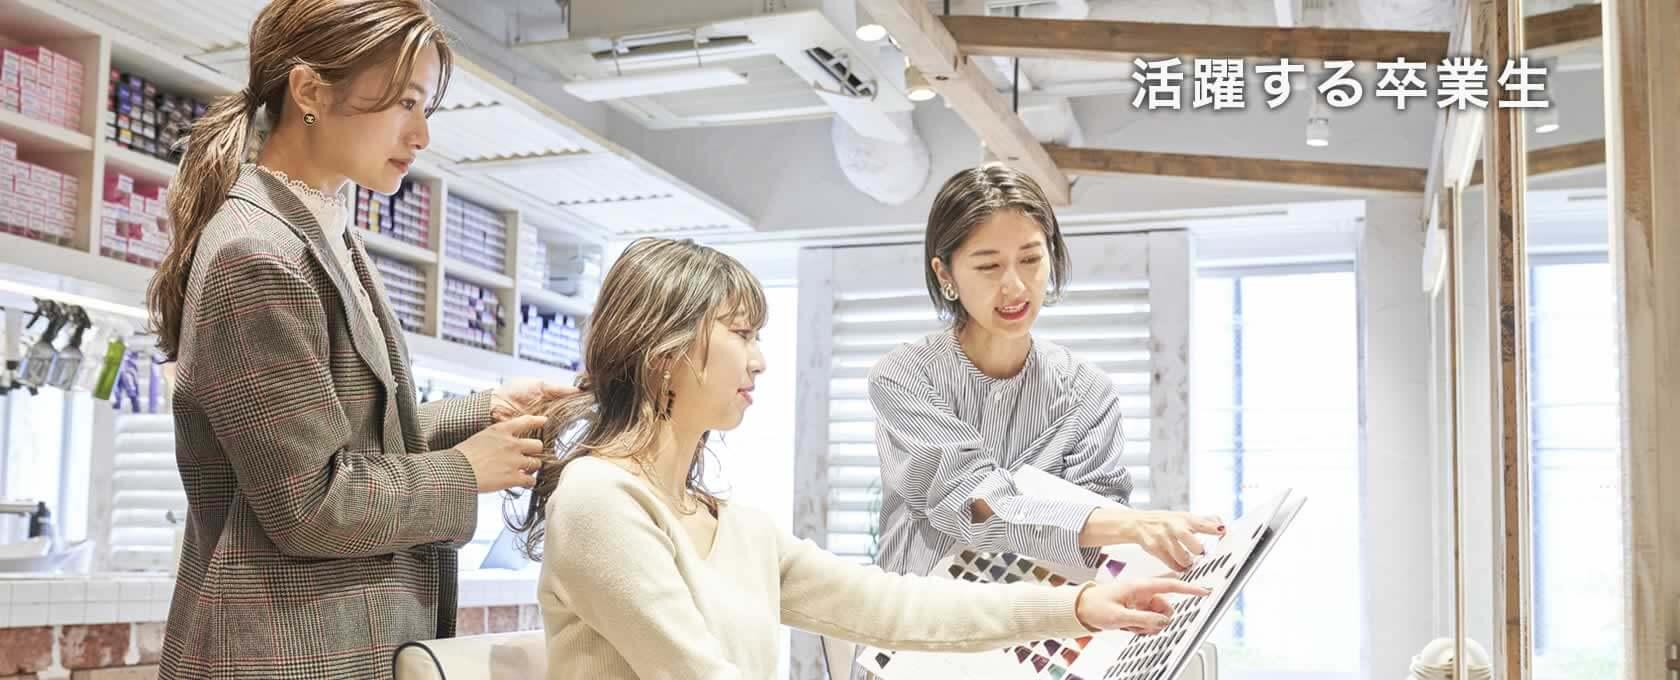 東京の美容専門学校:国際文化理容美容専門学校の活躍する卒業生2020春夏